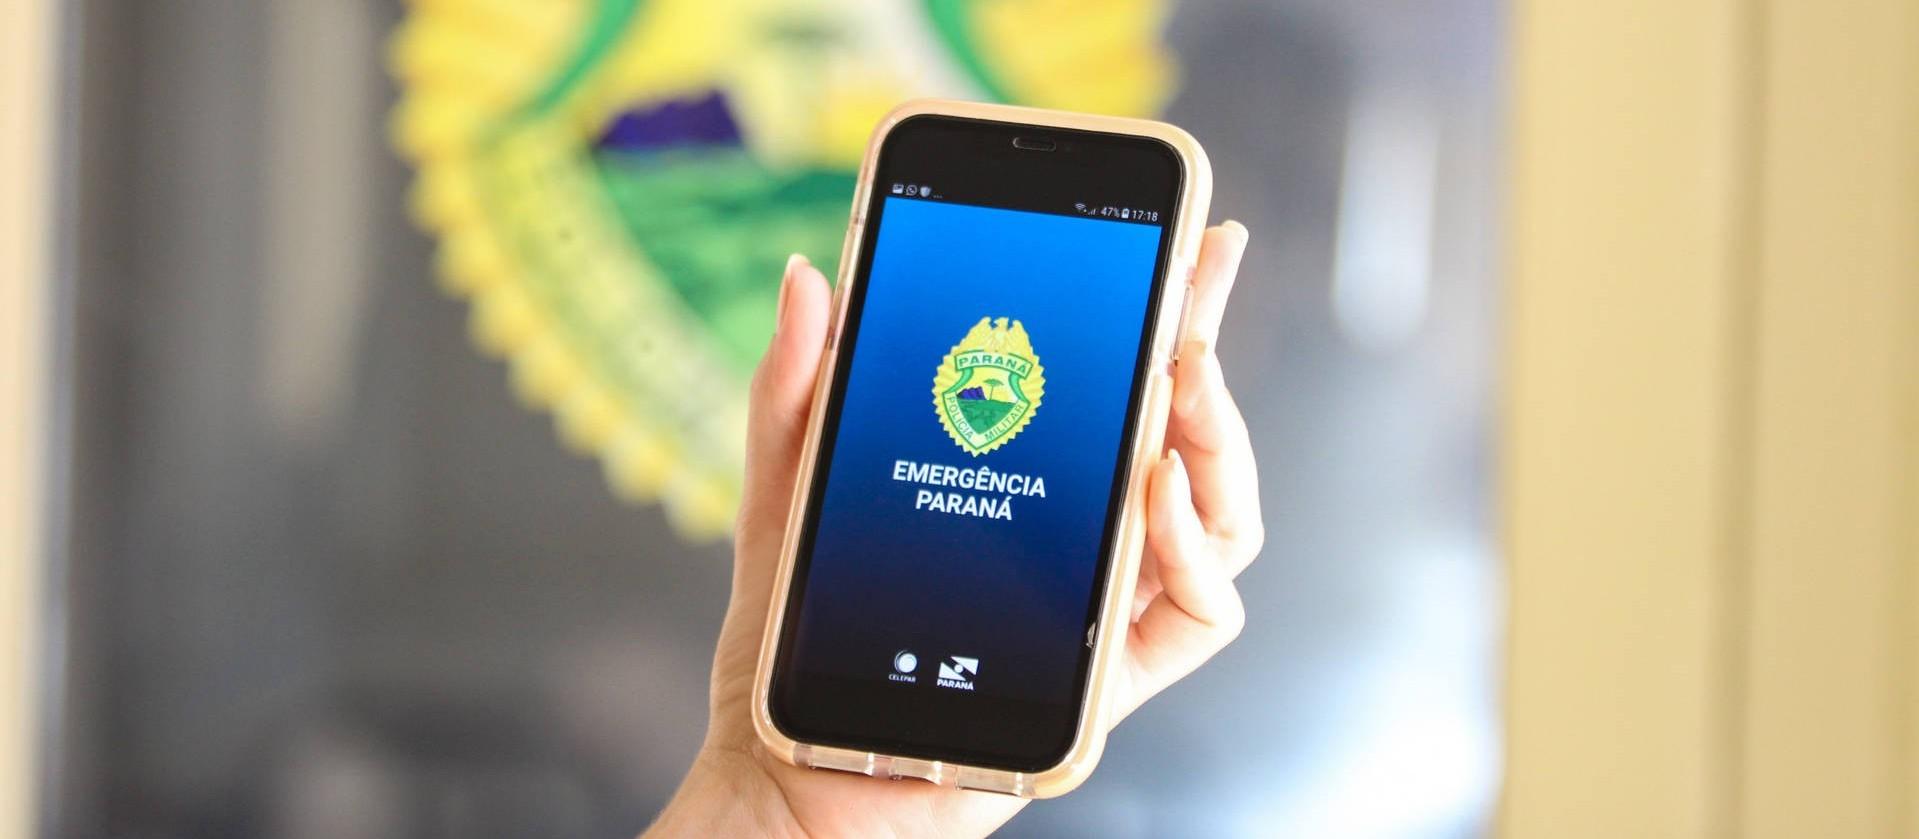 APP 190 da PM começa a funcionar em Maringá no mês de abril